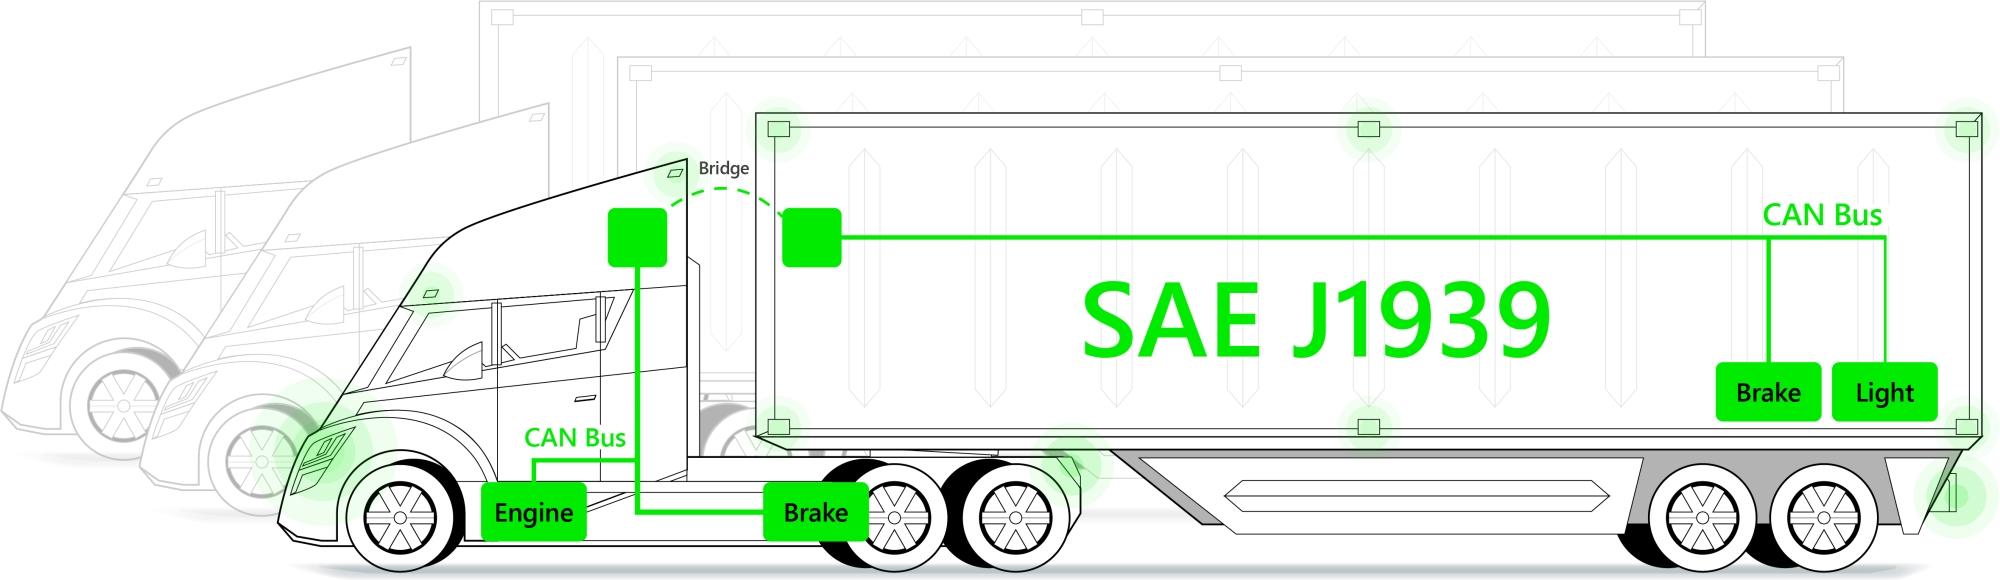 SAEJ1939 Trucks Outline